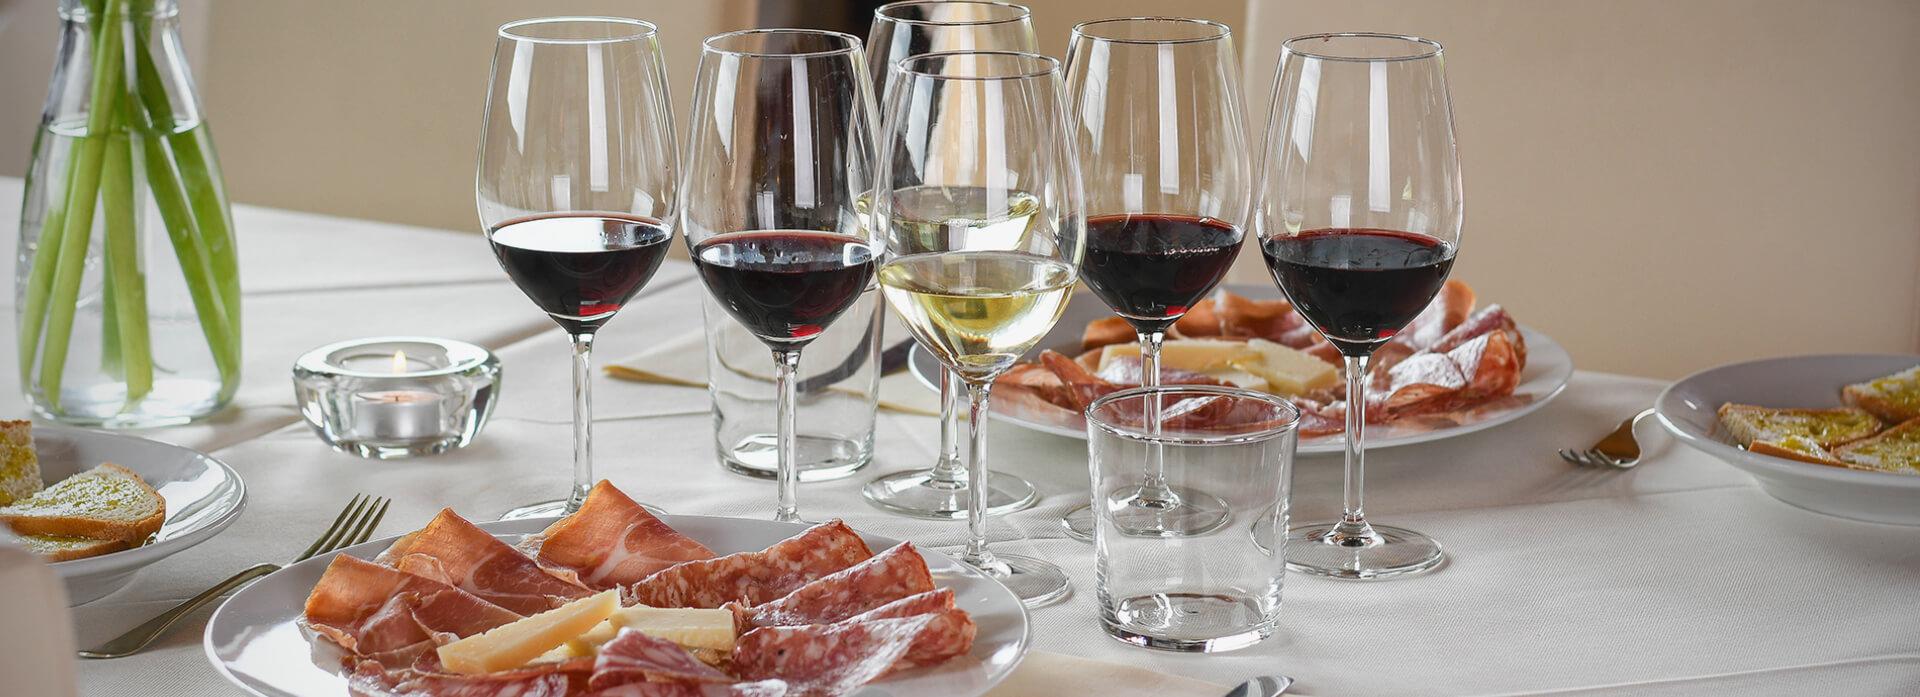 degustazione-vini-scansano-terenzi